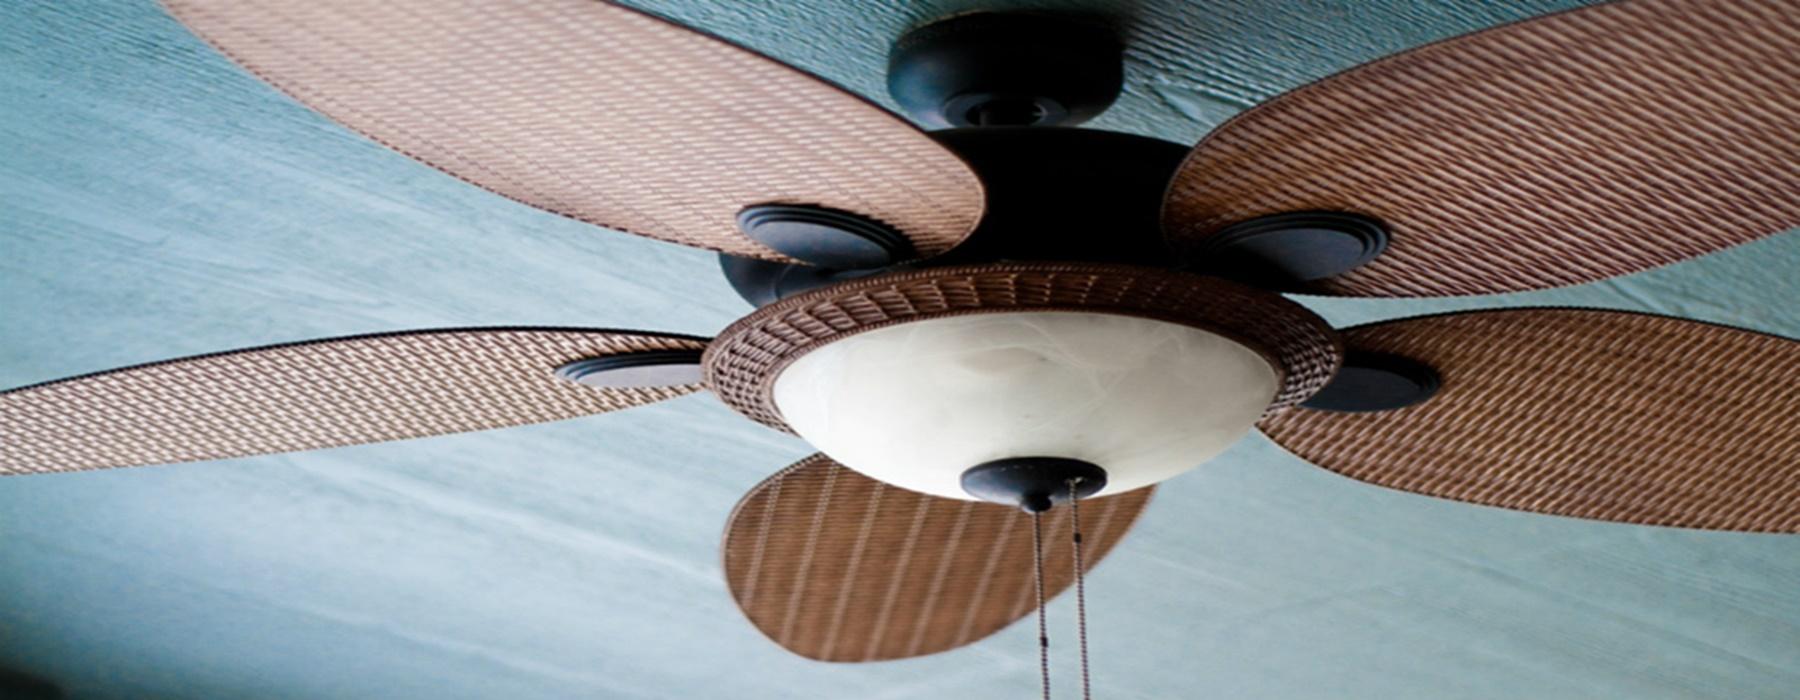 qua o melhor ventilador de teto: Hunter Orbit